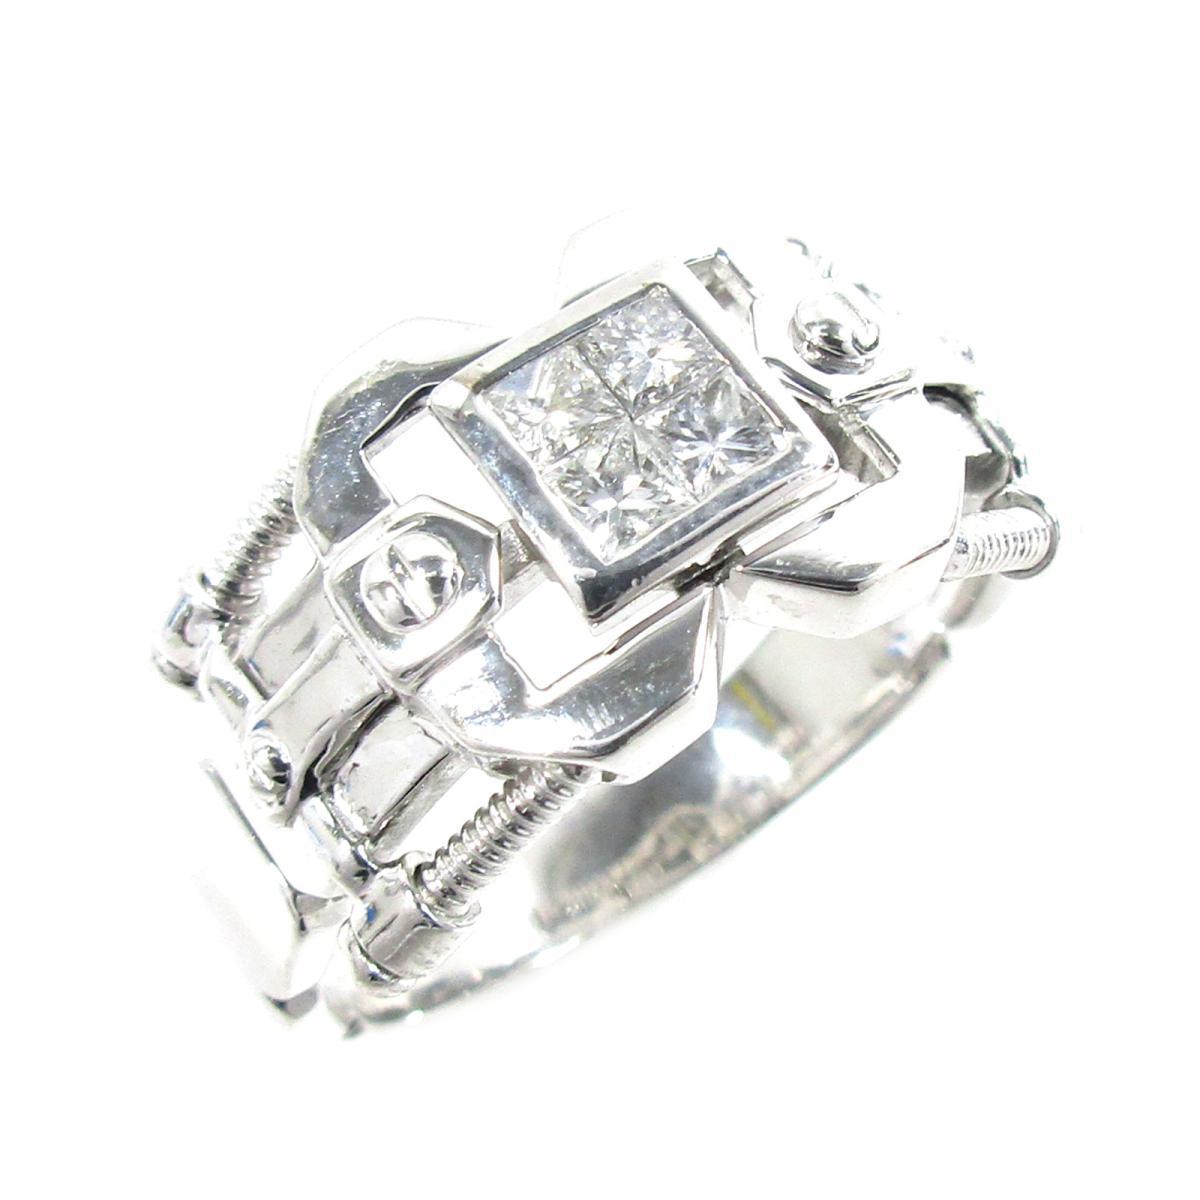 ジュエリー ダイヤモンドリング 指輪 ノーブランドジュエリー メンズ レディース K18WG (750) ホワイトゴールド X ダイヤモンド0.45ct シルバー クリアー 【中古】   JEWELRY BRANDOFF ブランドオフ アクセサリー リング